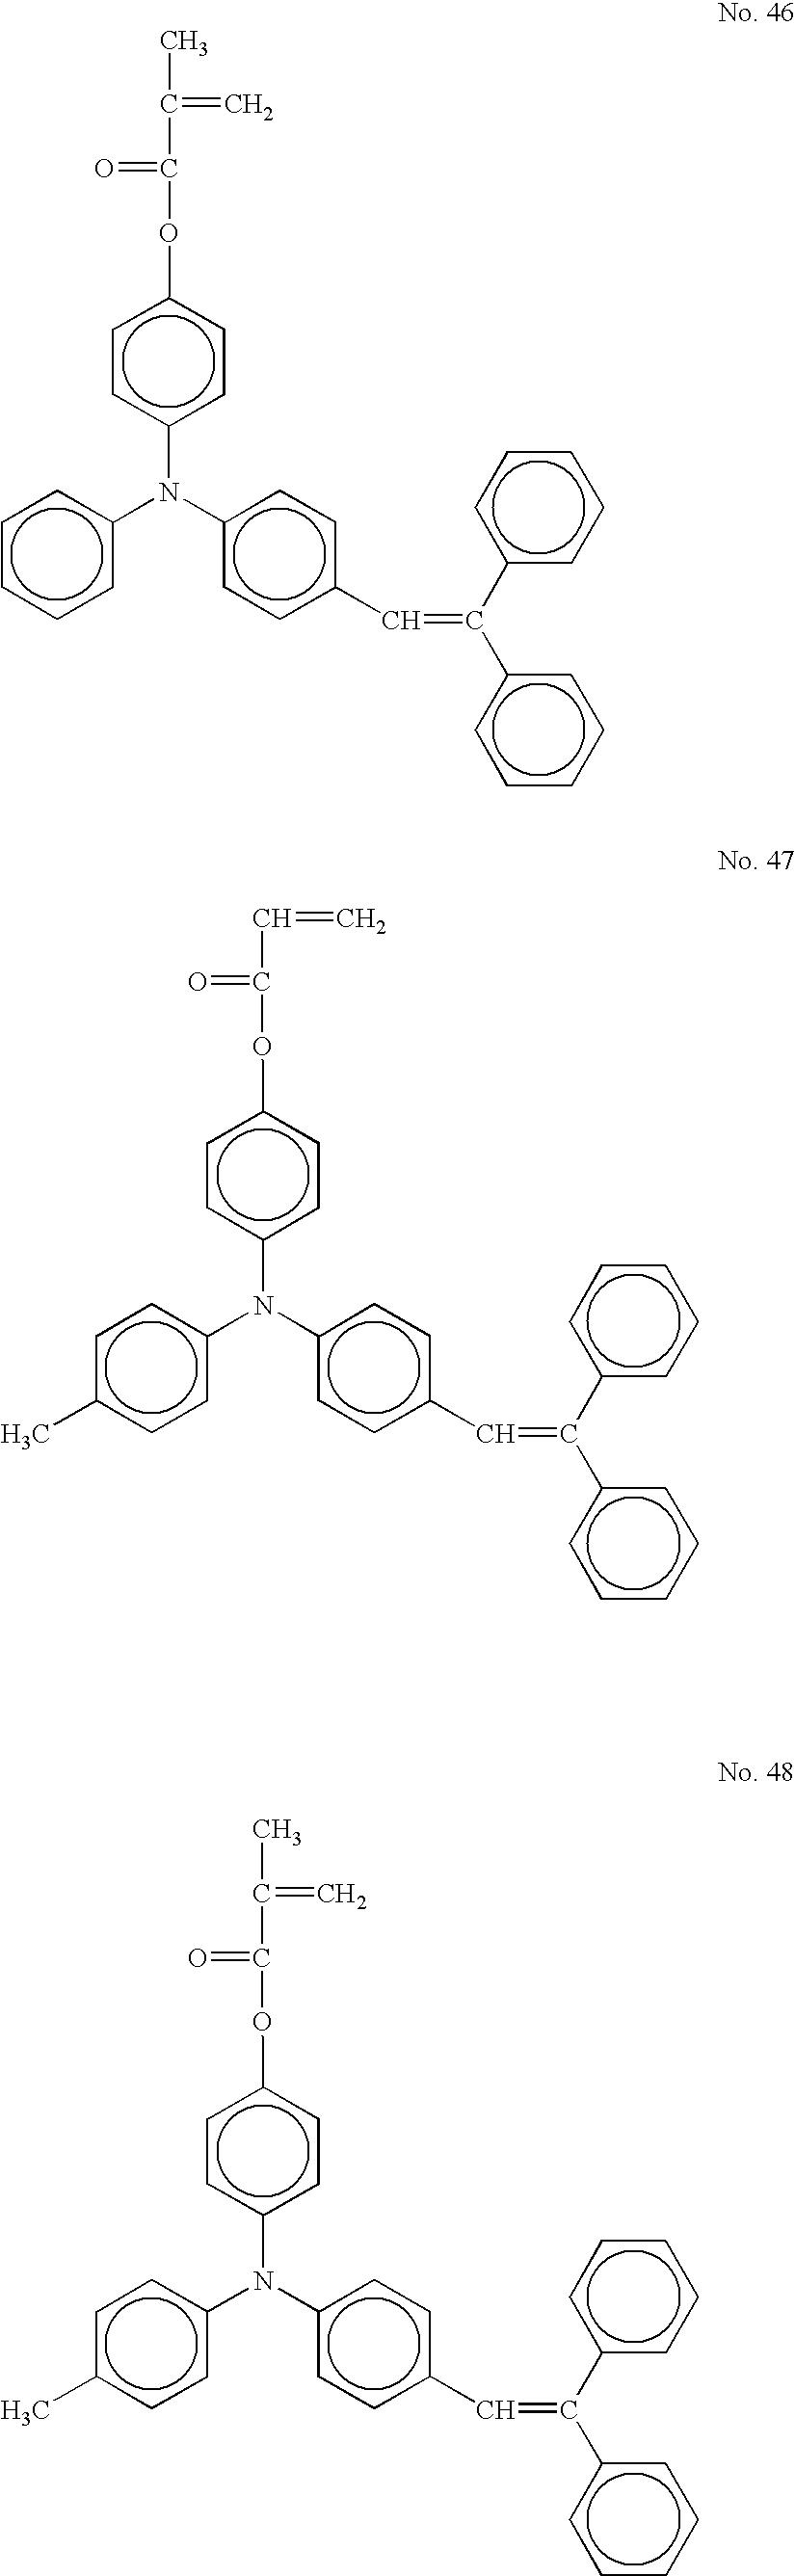 Figure US20040253527A1-20041216-C00027